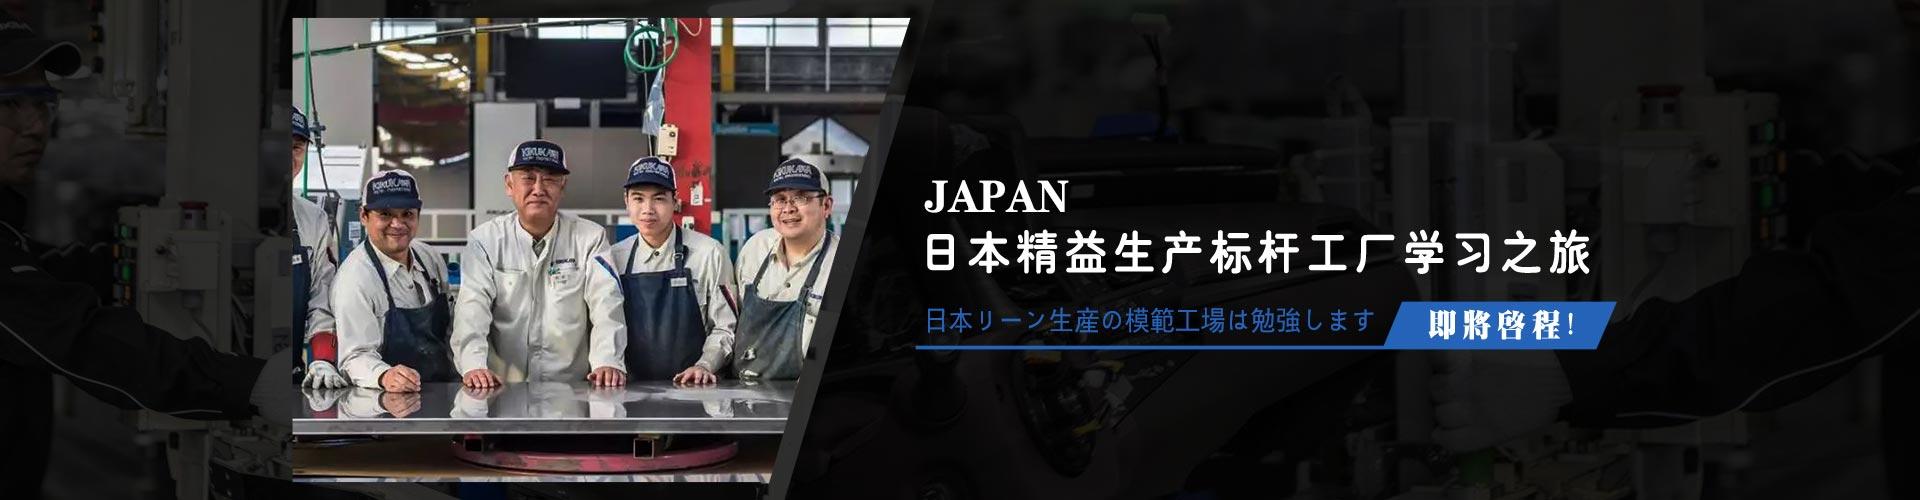 日本标杆工厂考察